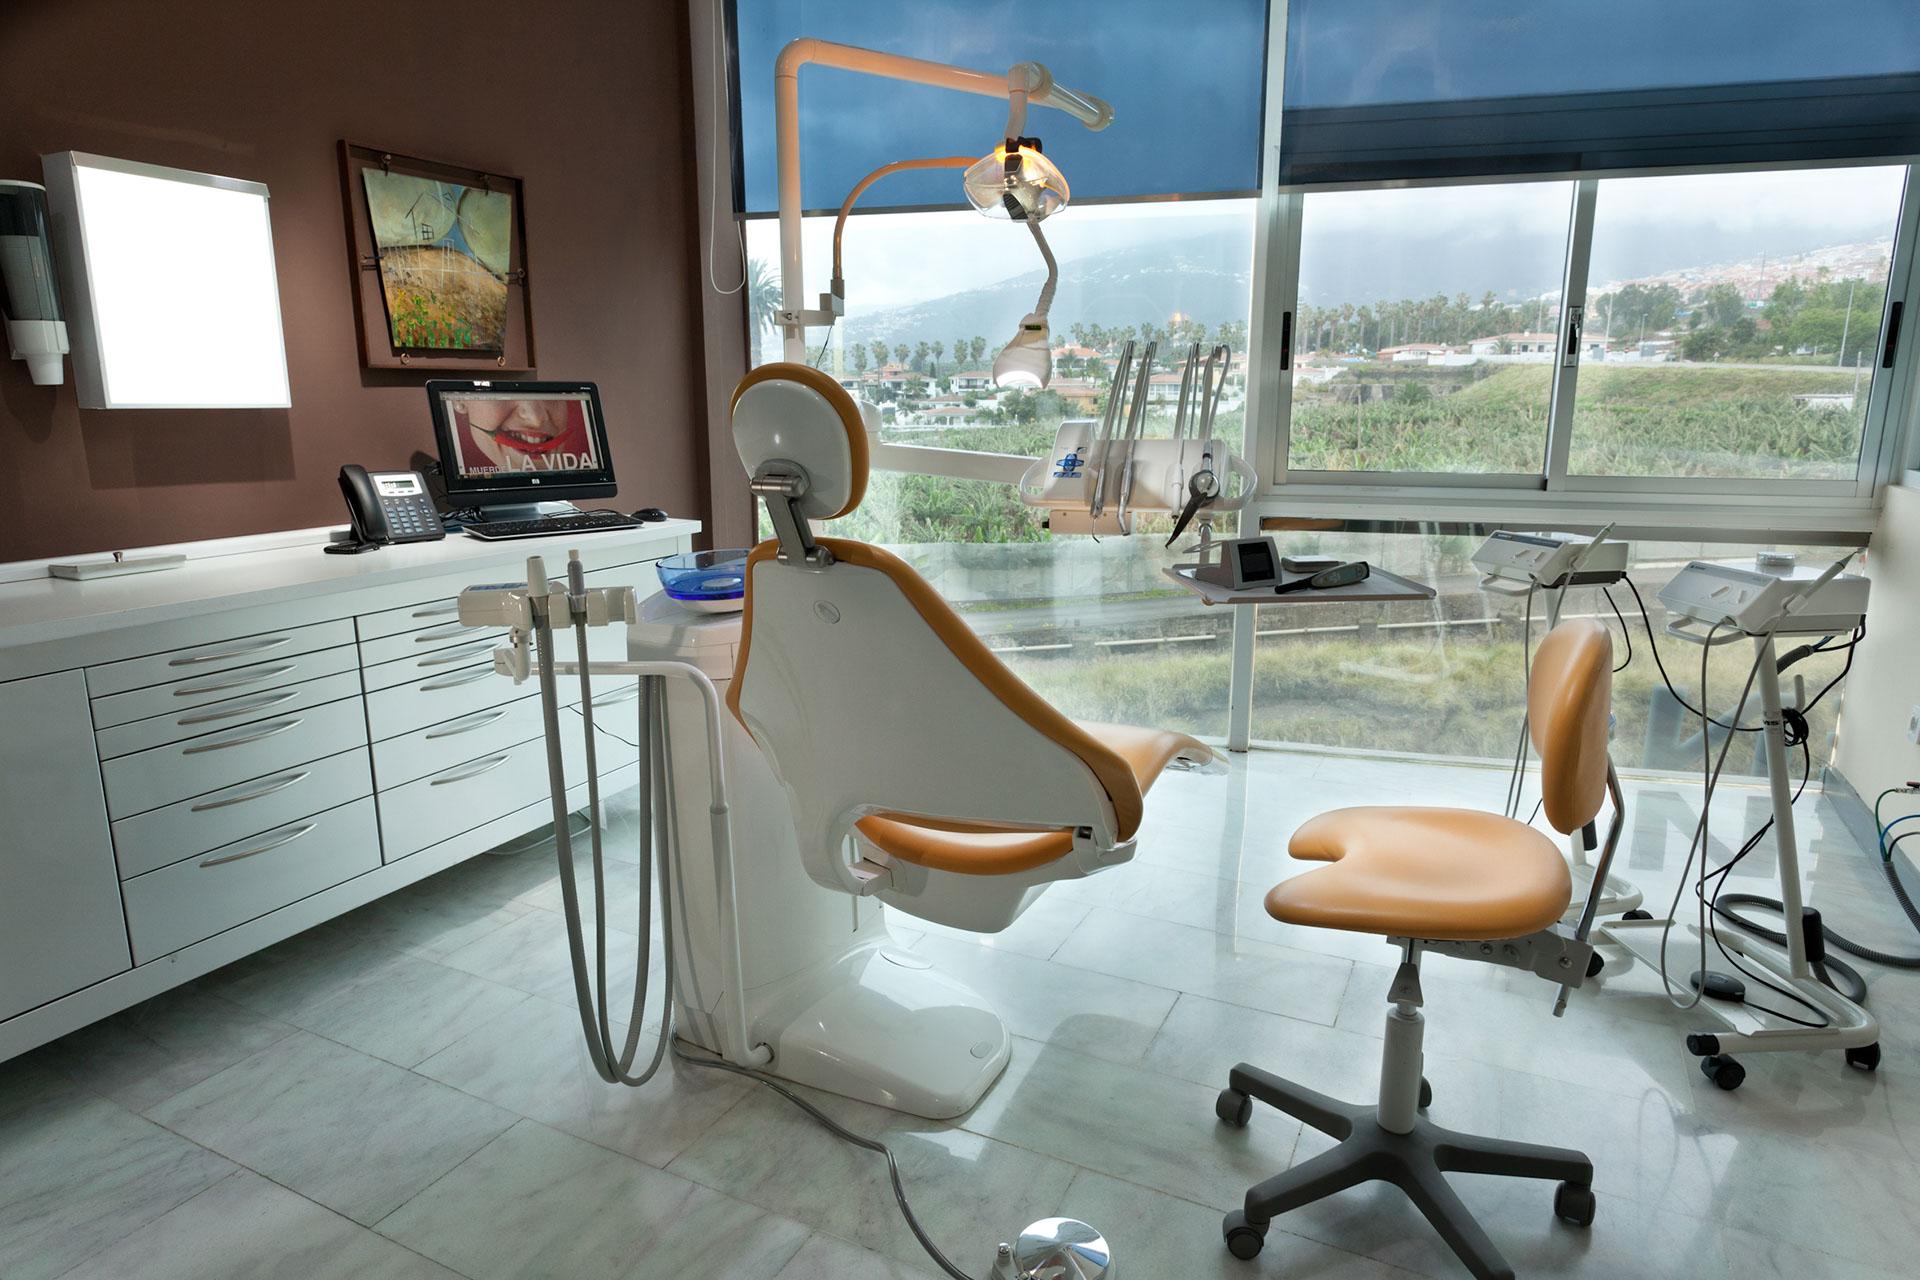 Dentista Puerto de la cruz. Artedental